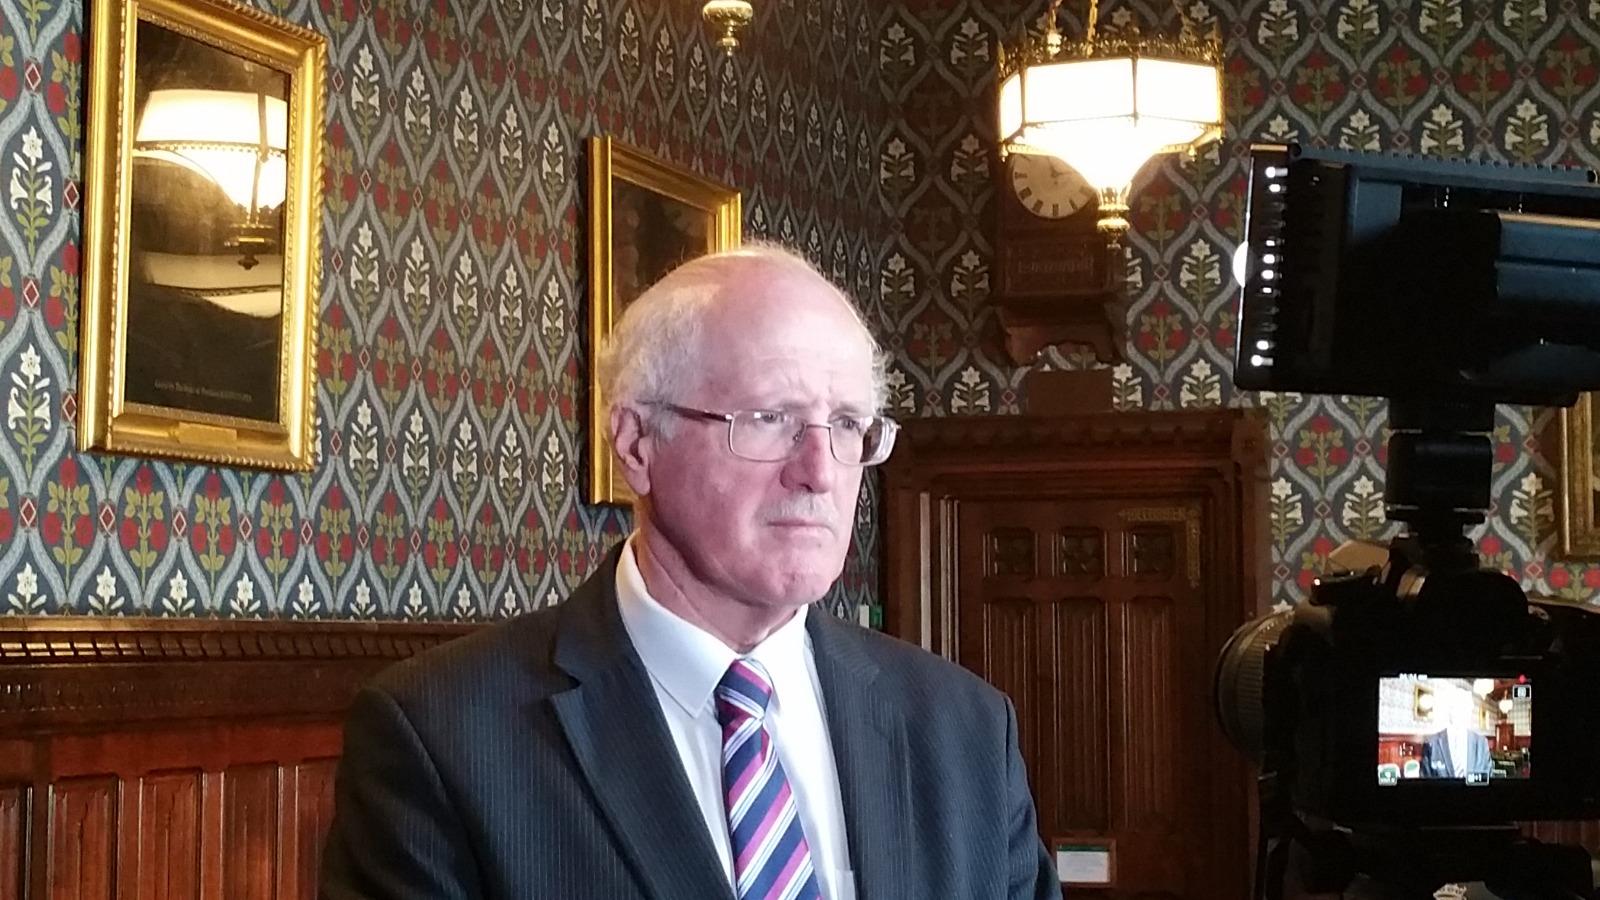 2019年3月26日,一個有關中共活體強摘器官的研討會在英國議會大廈內舉行。圖為研討會發起人、國會議員吉姆‧香農在會後接受媒體採訪。(新唐人電視台)